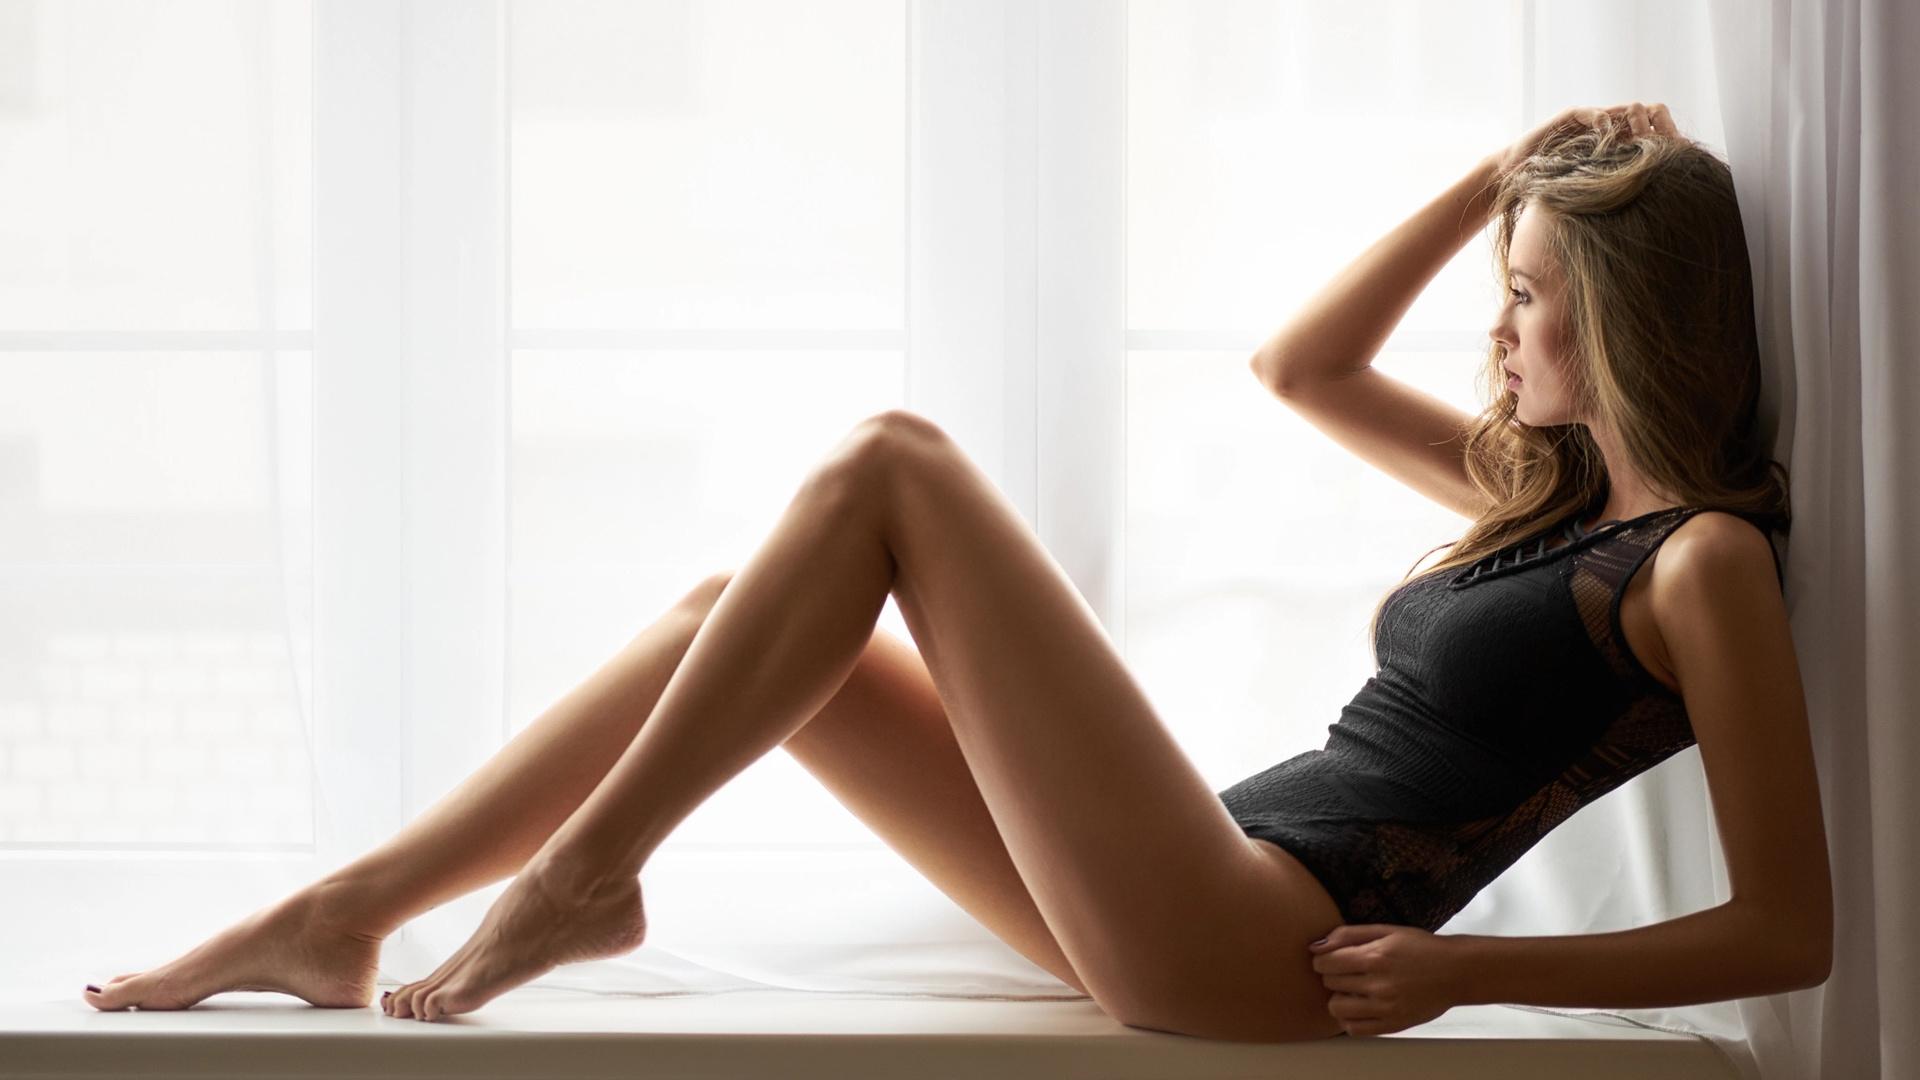 Стройные девичьи ножки фото, ебут мелких порно ролики